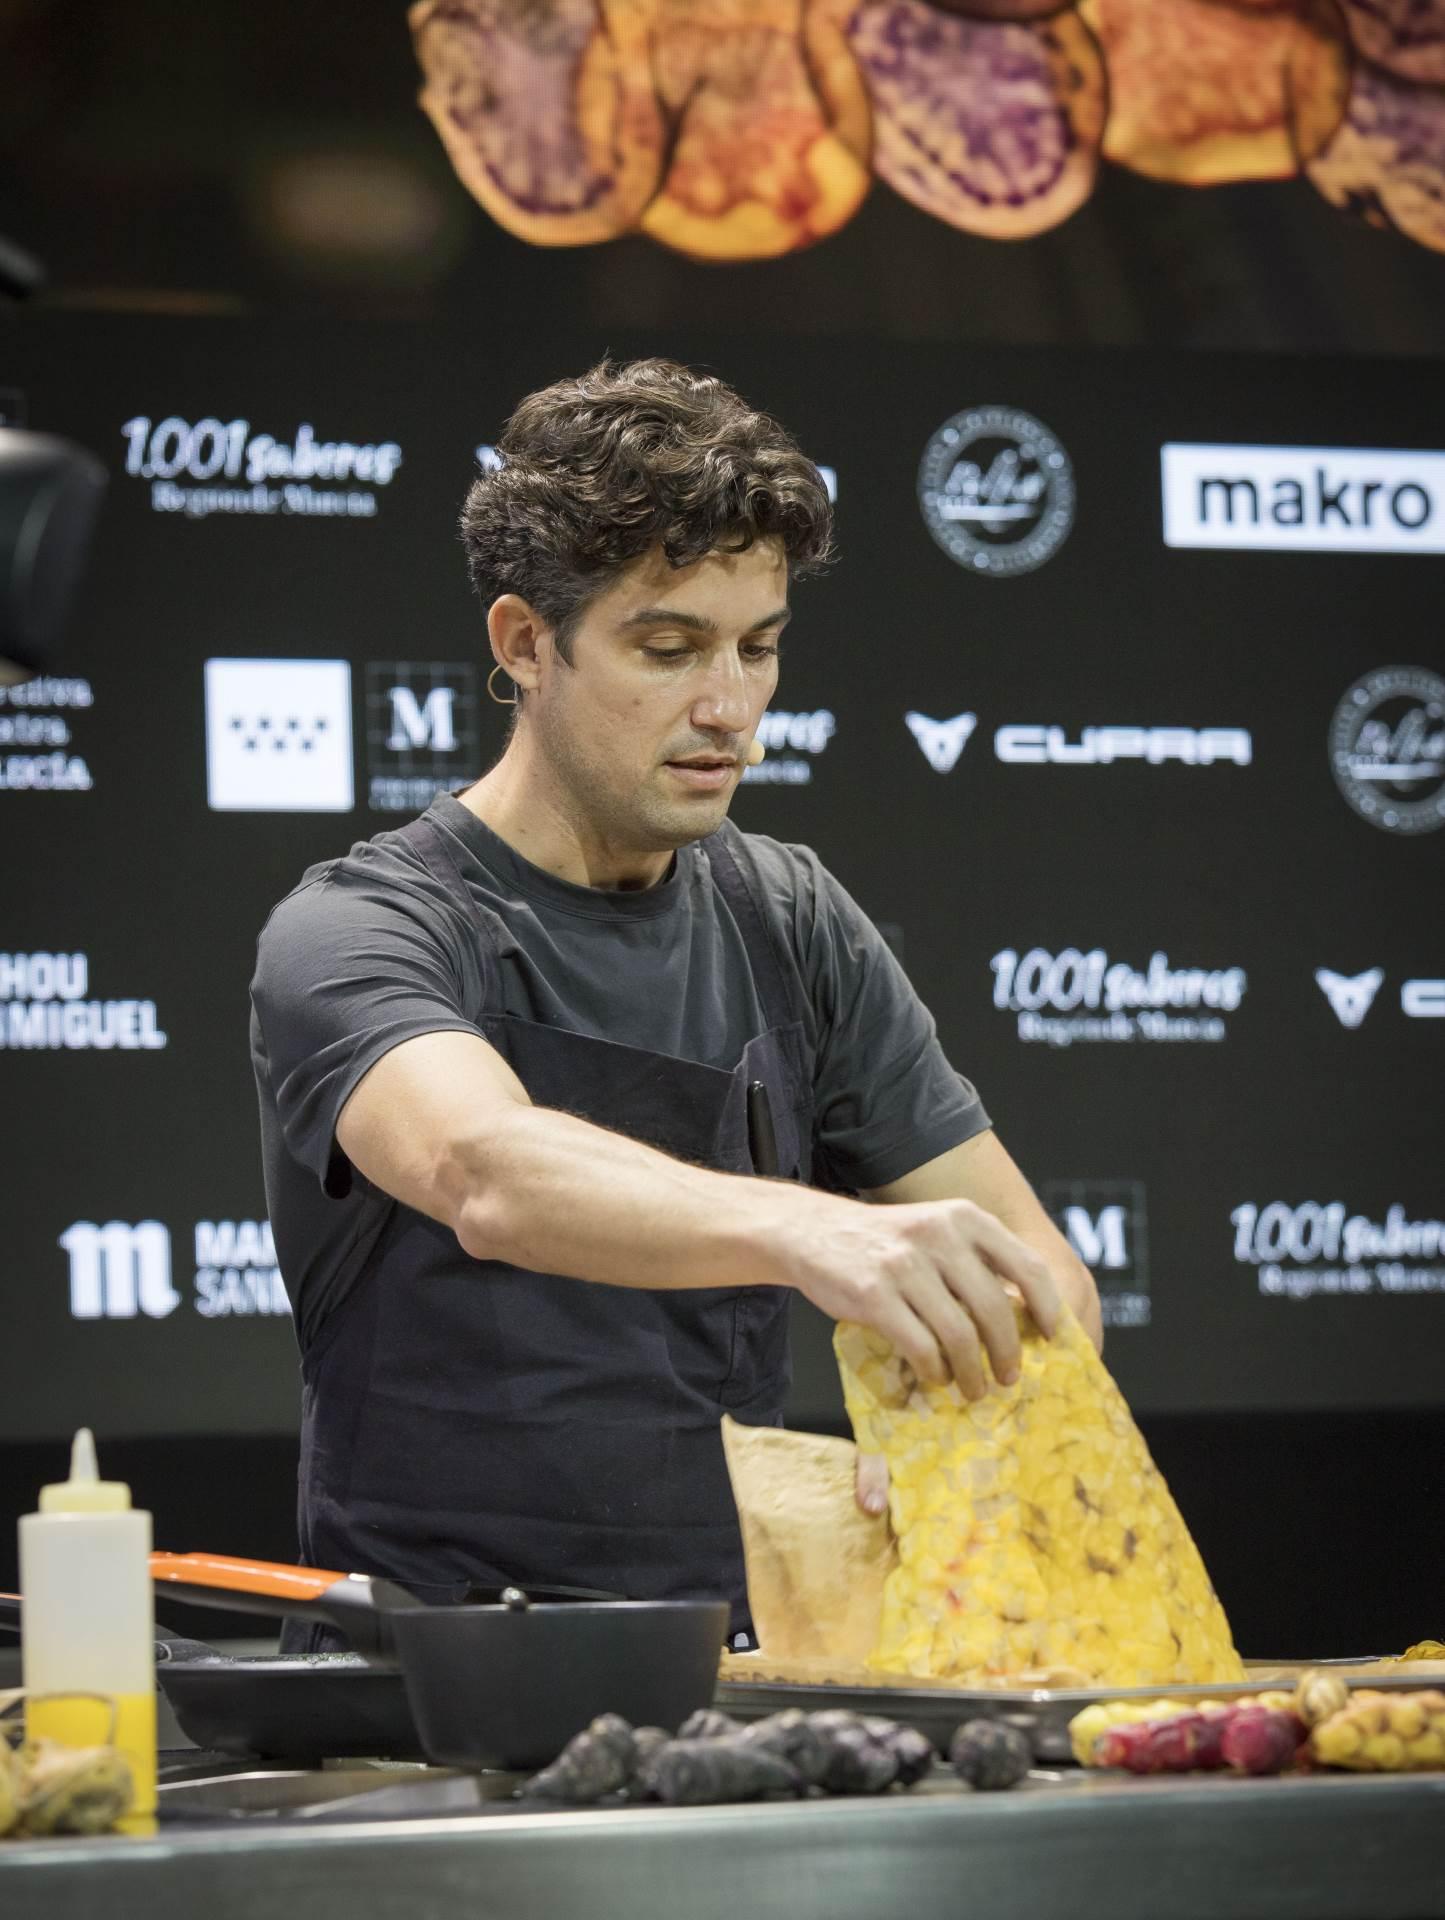 Juan Luis Martínez, vlasnik restorana Merito